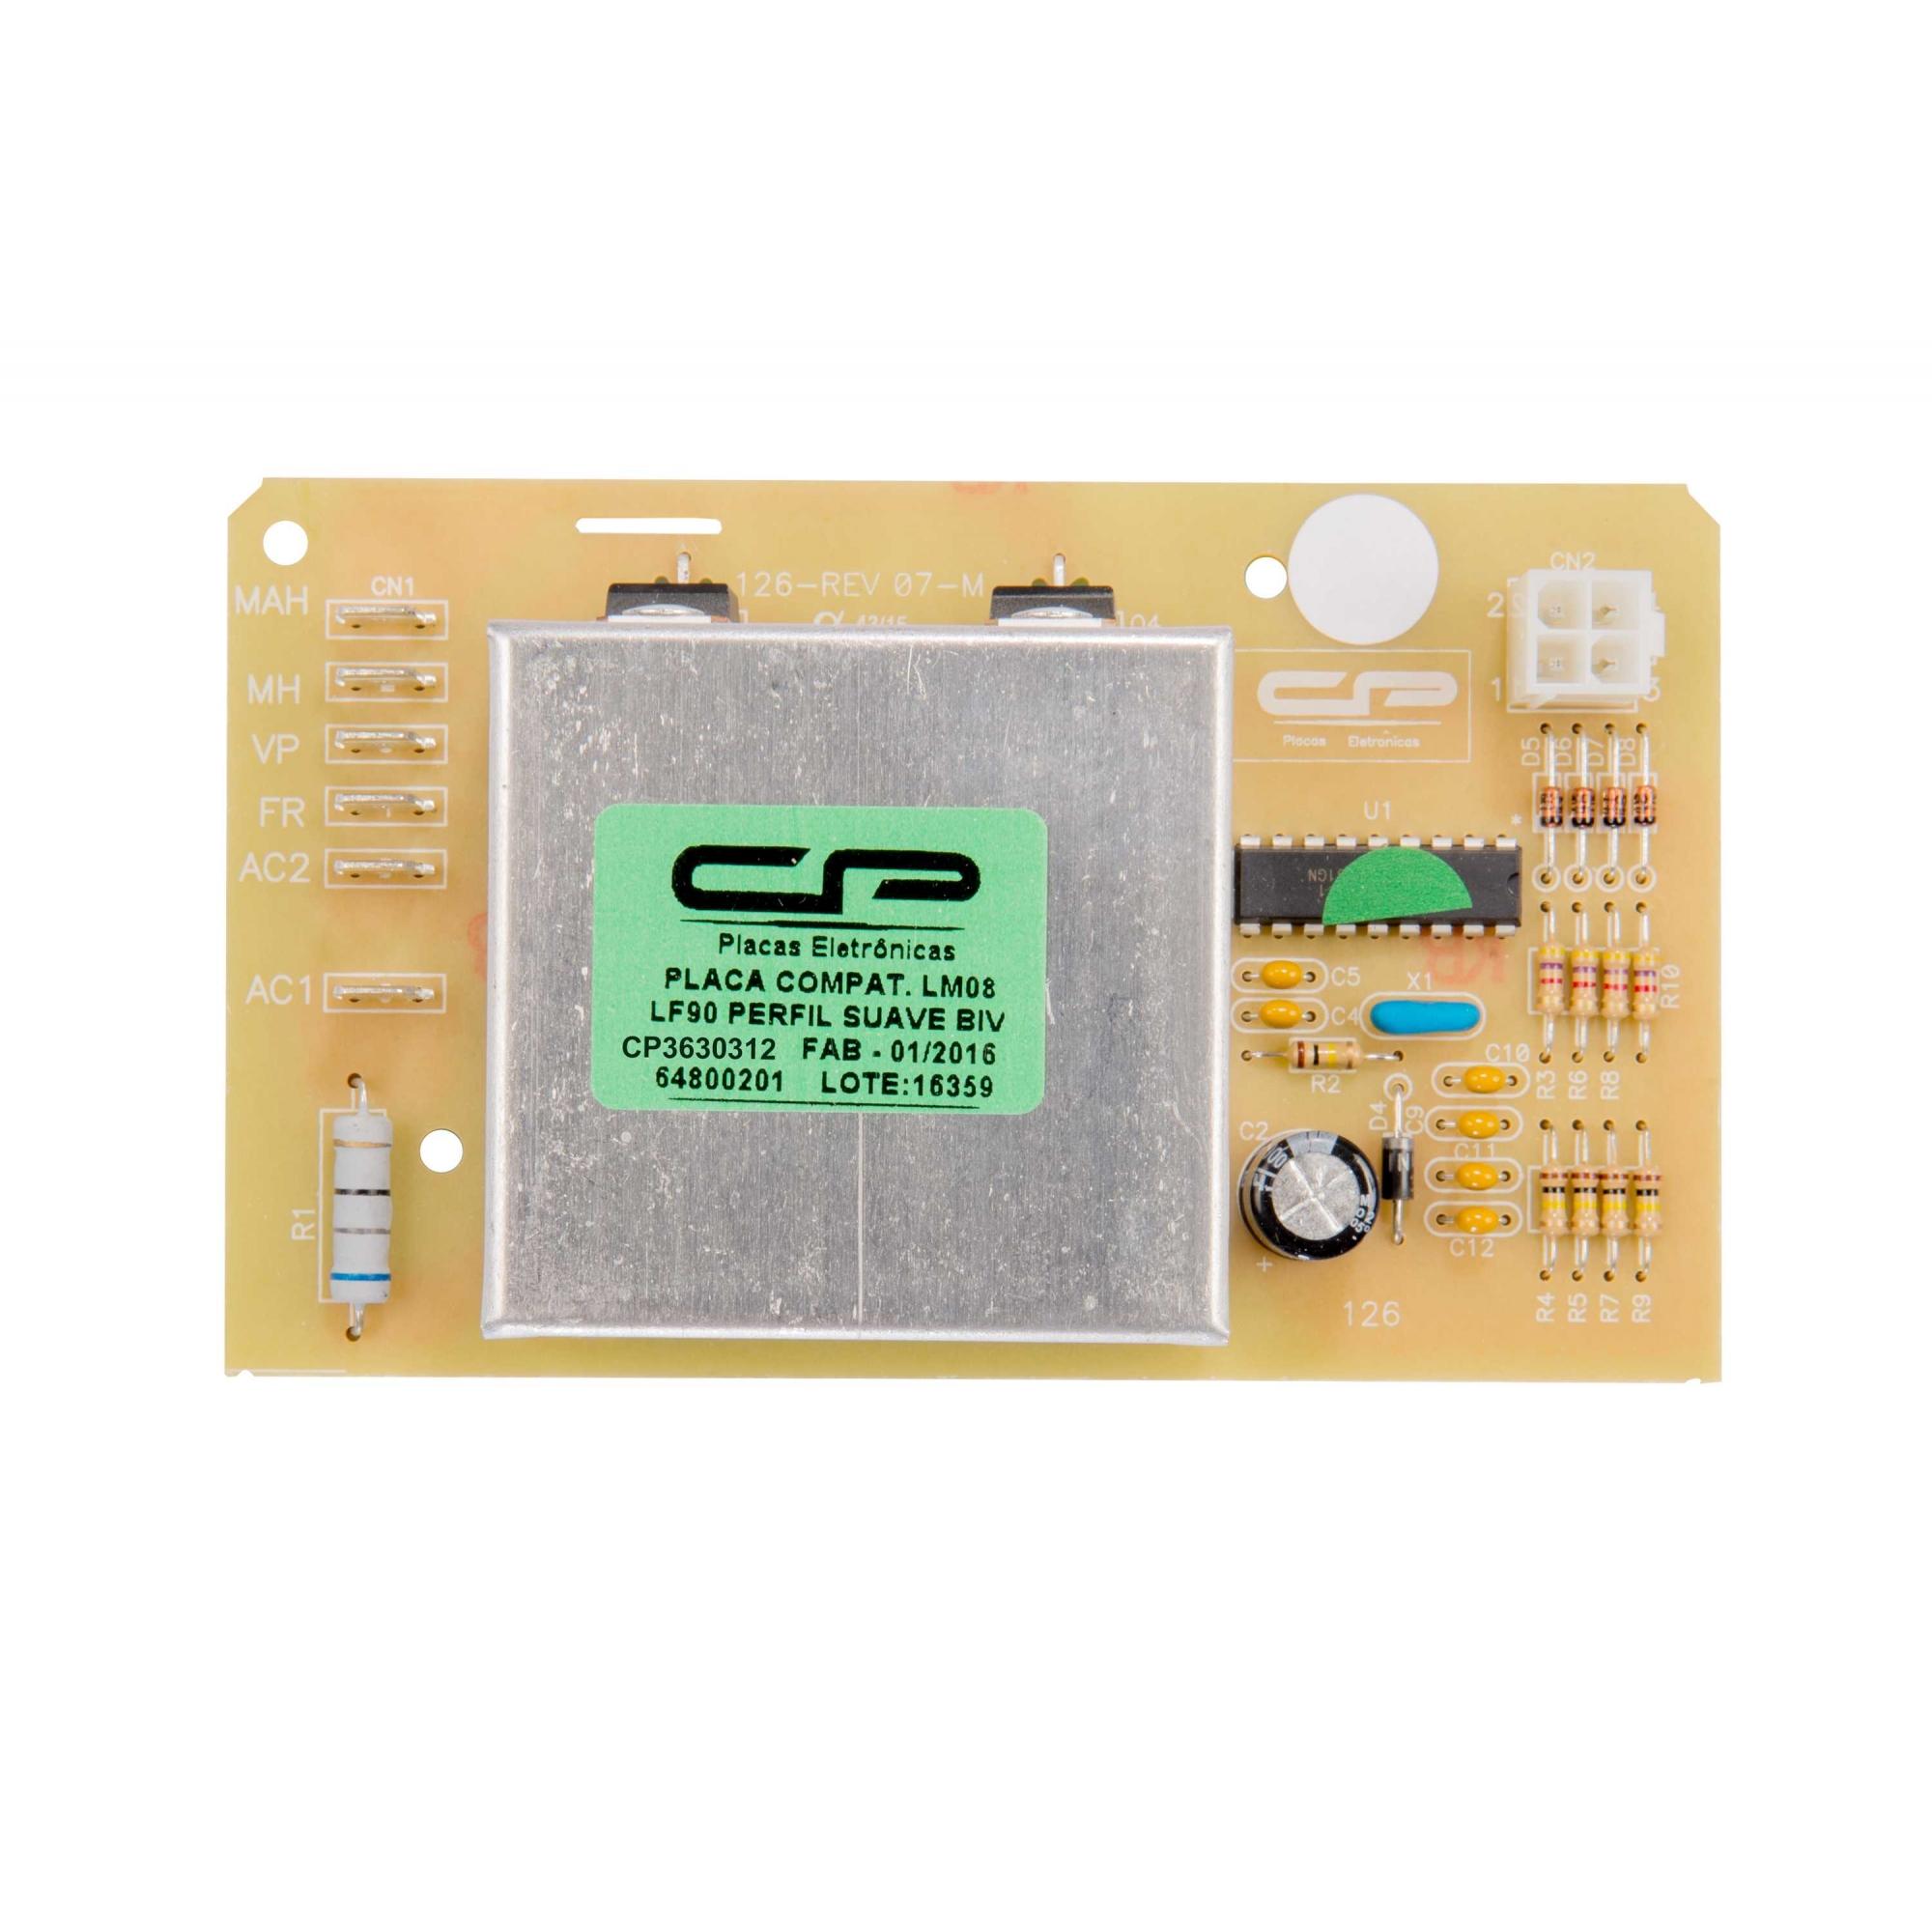 Placa Eletronica compatível Lavadora Electrolux LM08, LF09